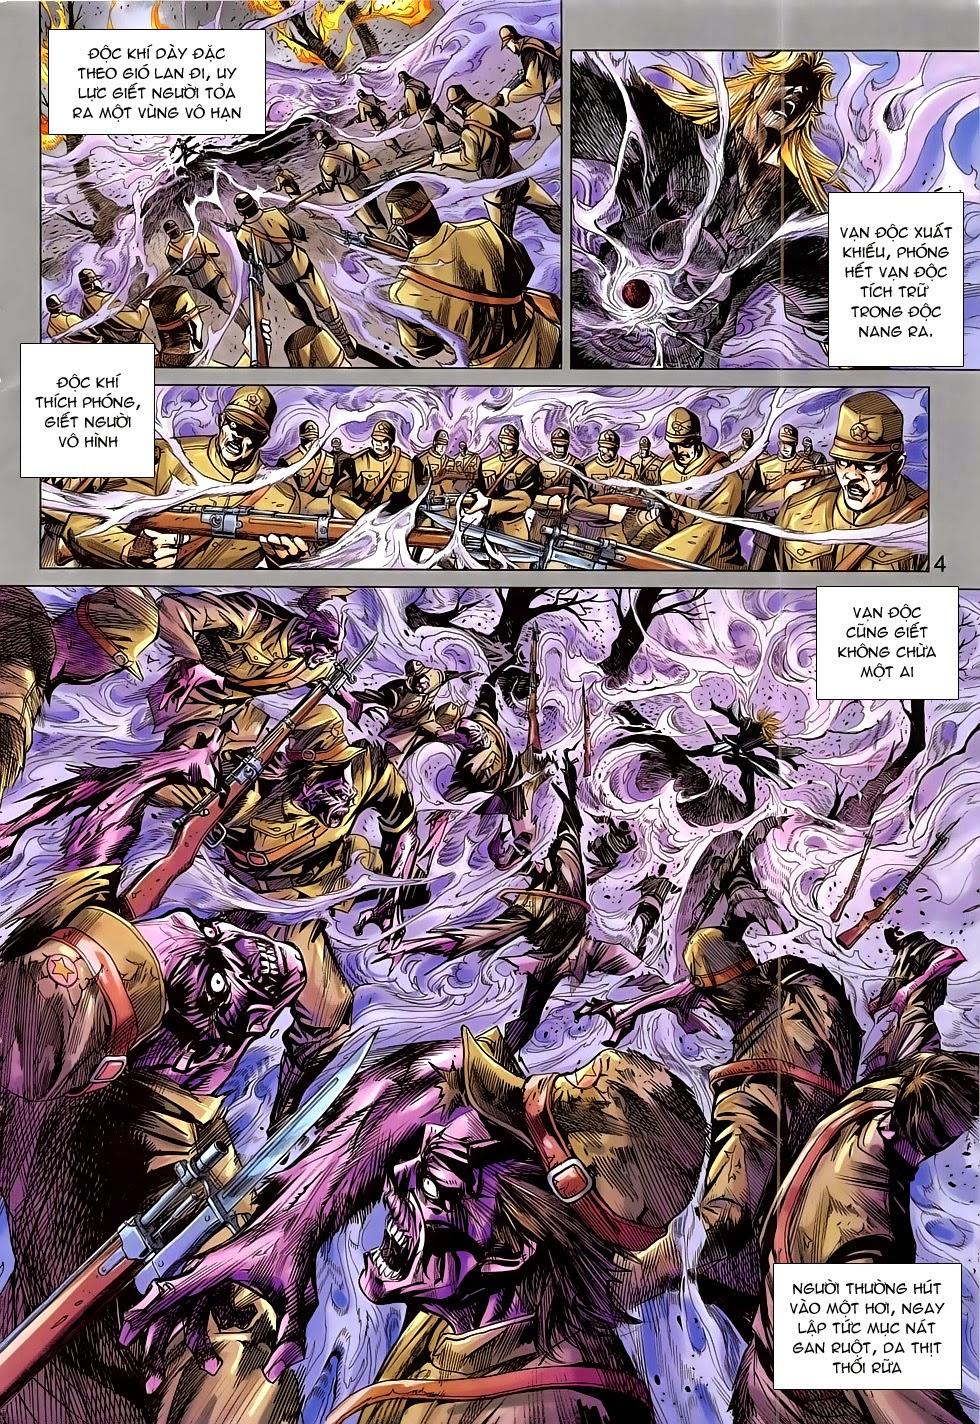 Tân Tác Long Hổ Môn chap 783 Trang 4 - Mangak.info